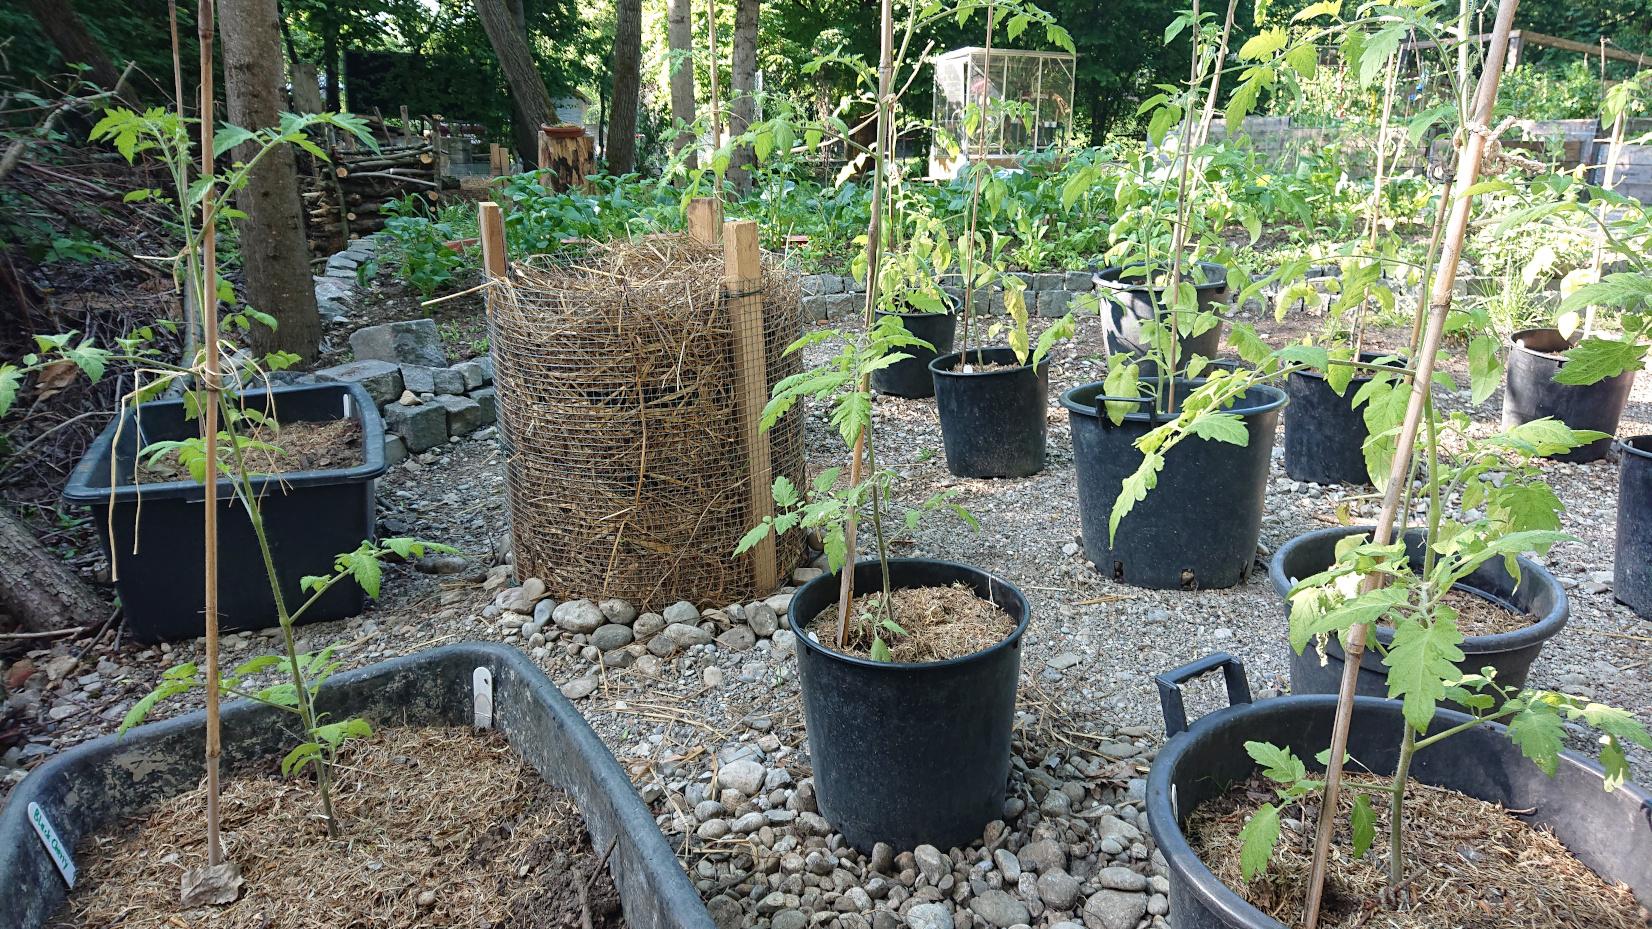 Tomaten, Paprika, Kartoffeln und mehr ...